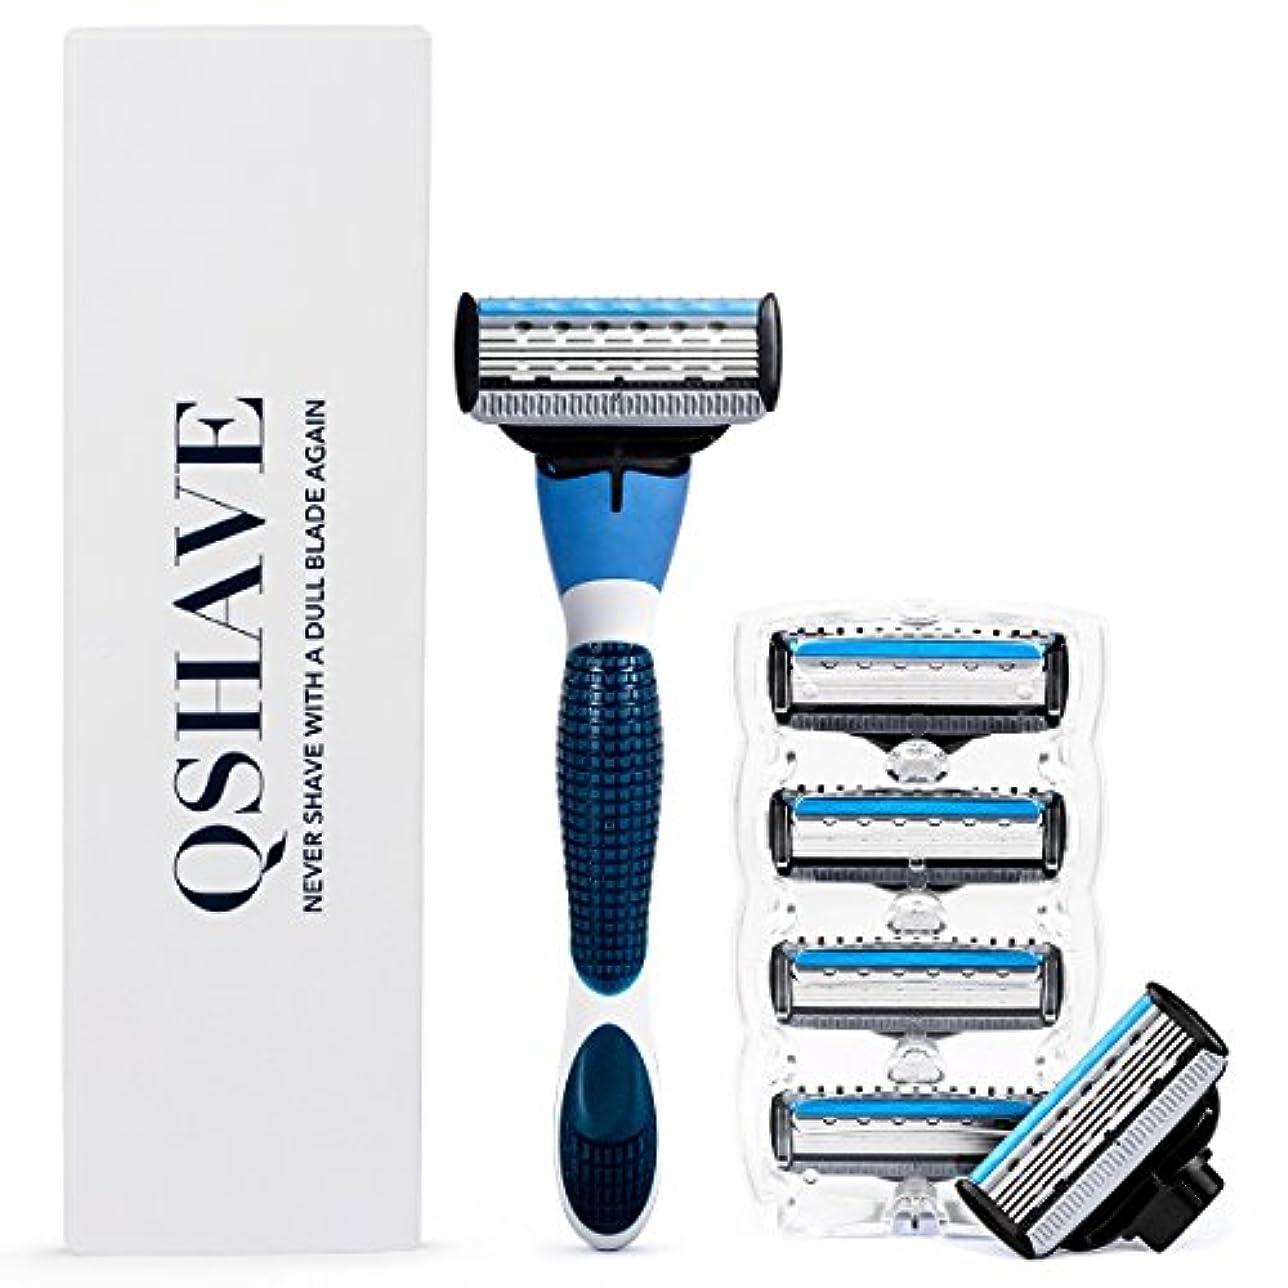 期間スペクトラムぶどうQSHAVEのブルーシリーズ、男性用マニュアルシェービングカミソリは替刃X5 (5枚刃) のカートリッジが。 (本体+替刃6コ付)